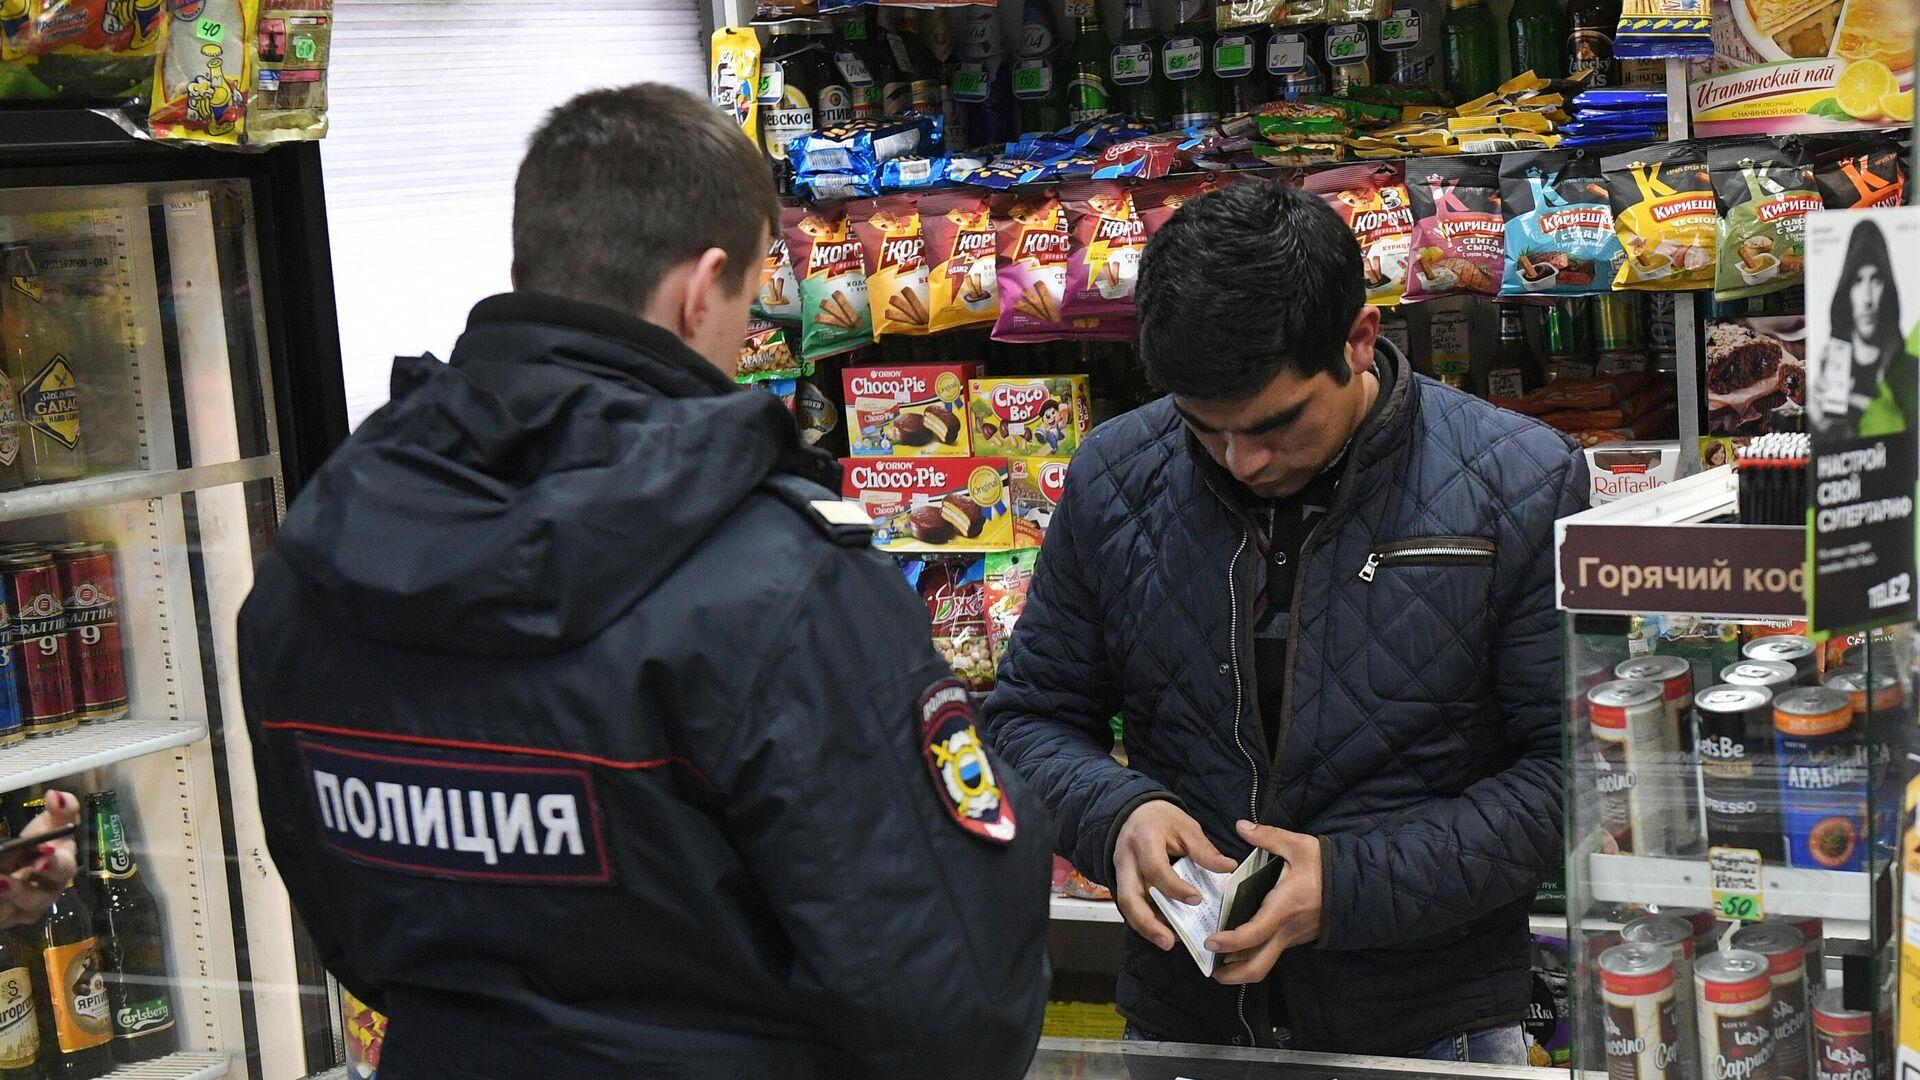 Сотрудник полиции в одном из московских продуктовых магазинов во время рейда по выявлению точек продажи контрафактной продукции - РИА Новости, 1920, 14.10.2020